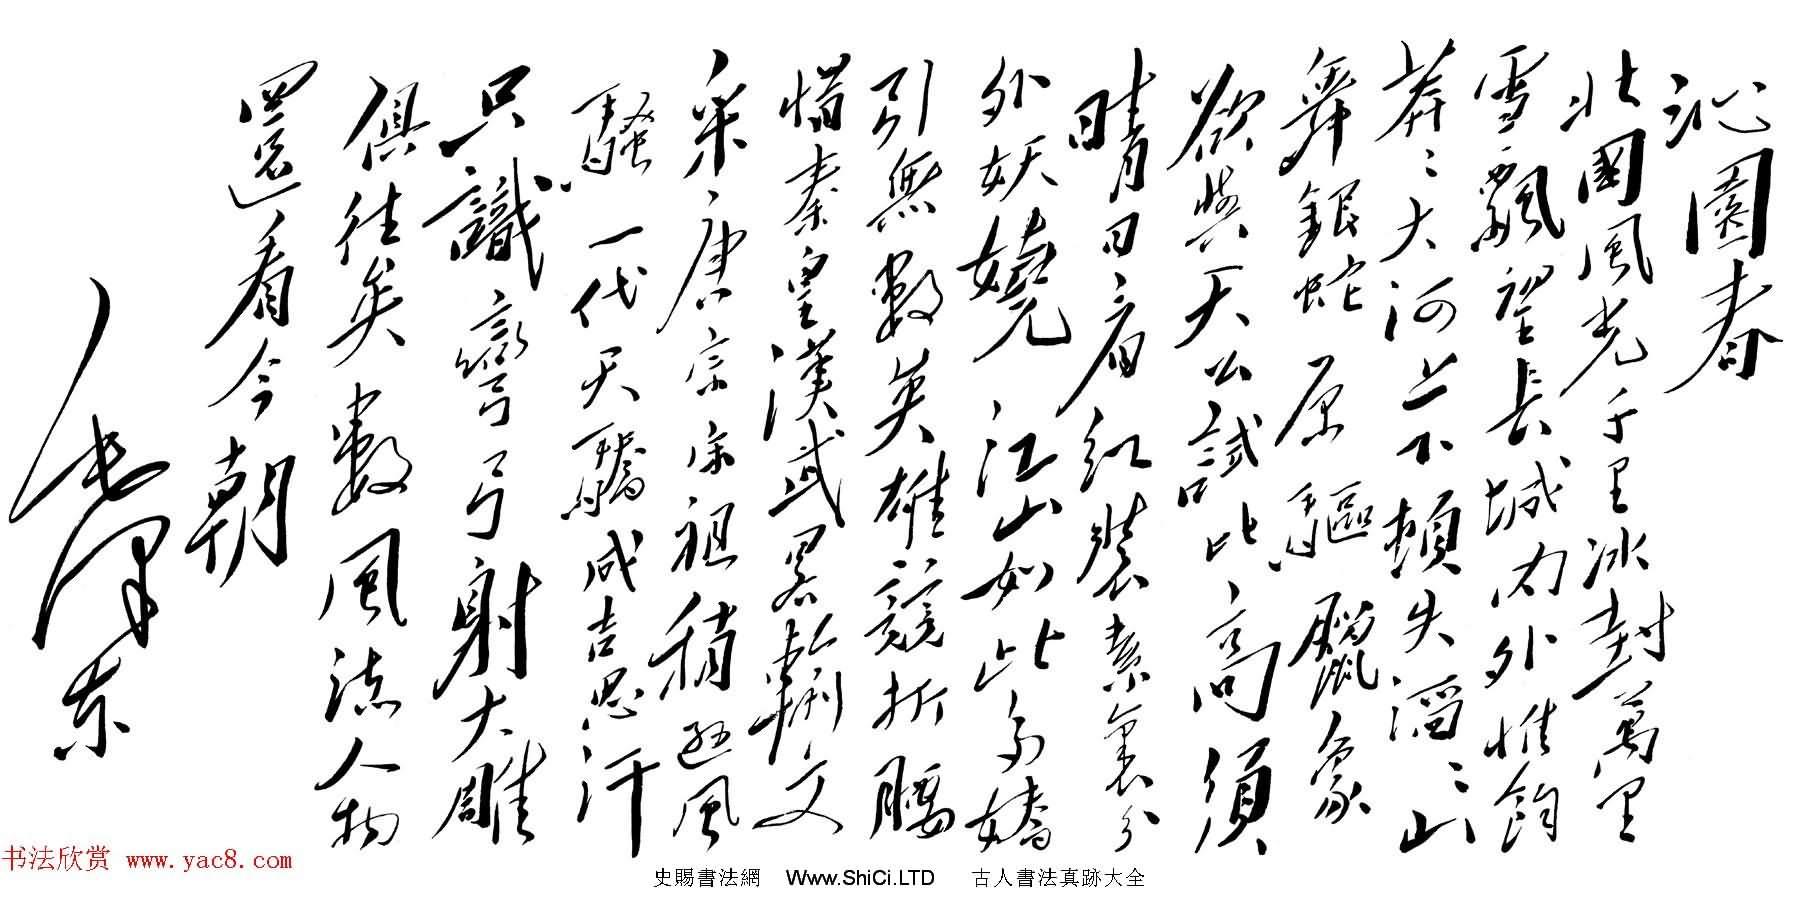 毛澤東行草書法作品真跡《沁園春·雪》(共6張圖片)